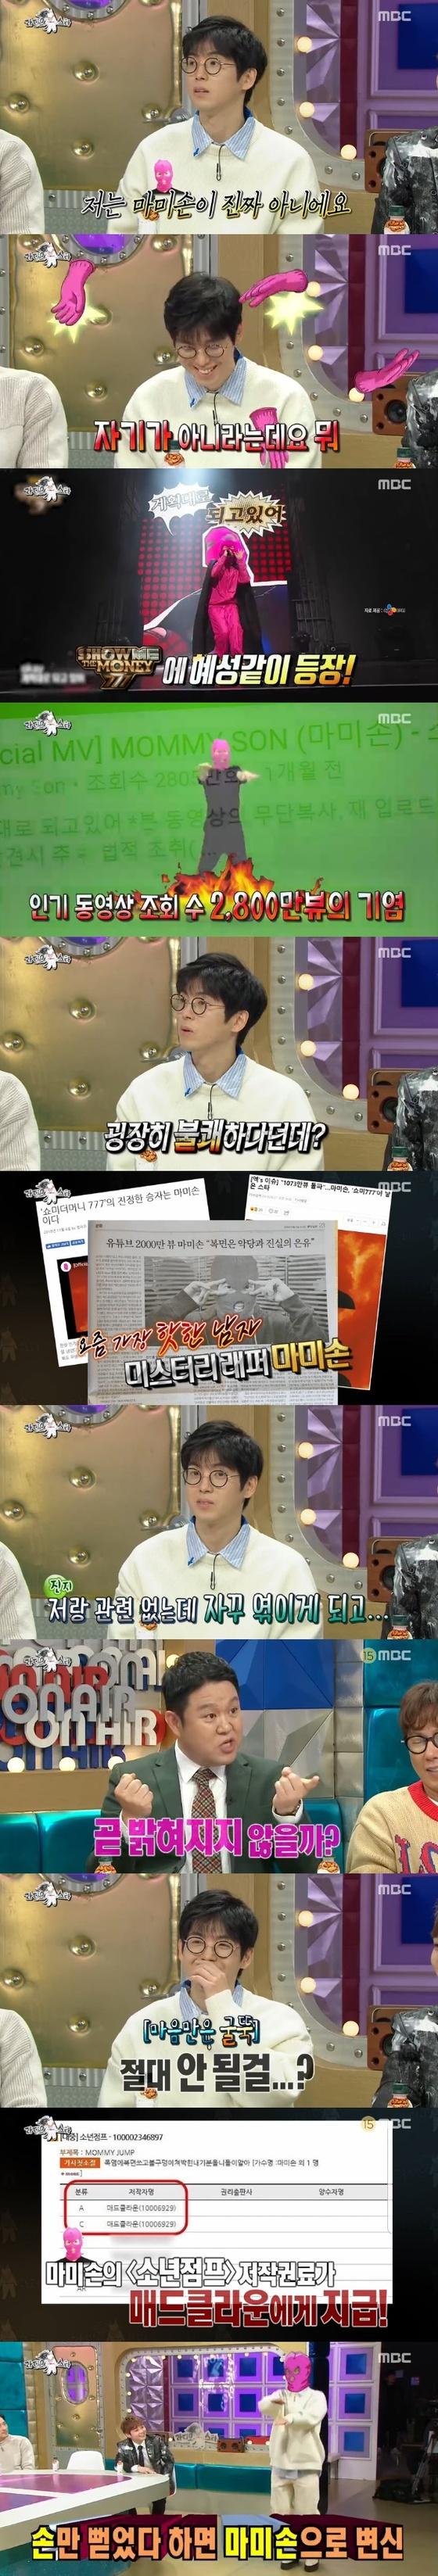 '라스' 출연한 매드클라운..'마미손'이 다 했다(종합)